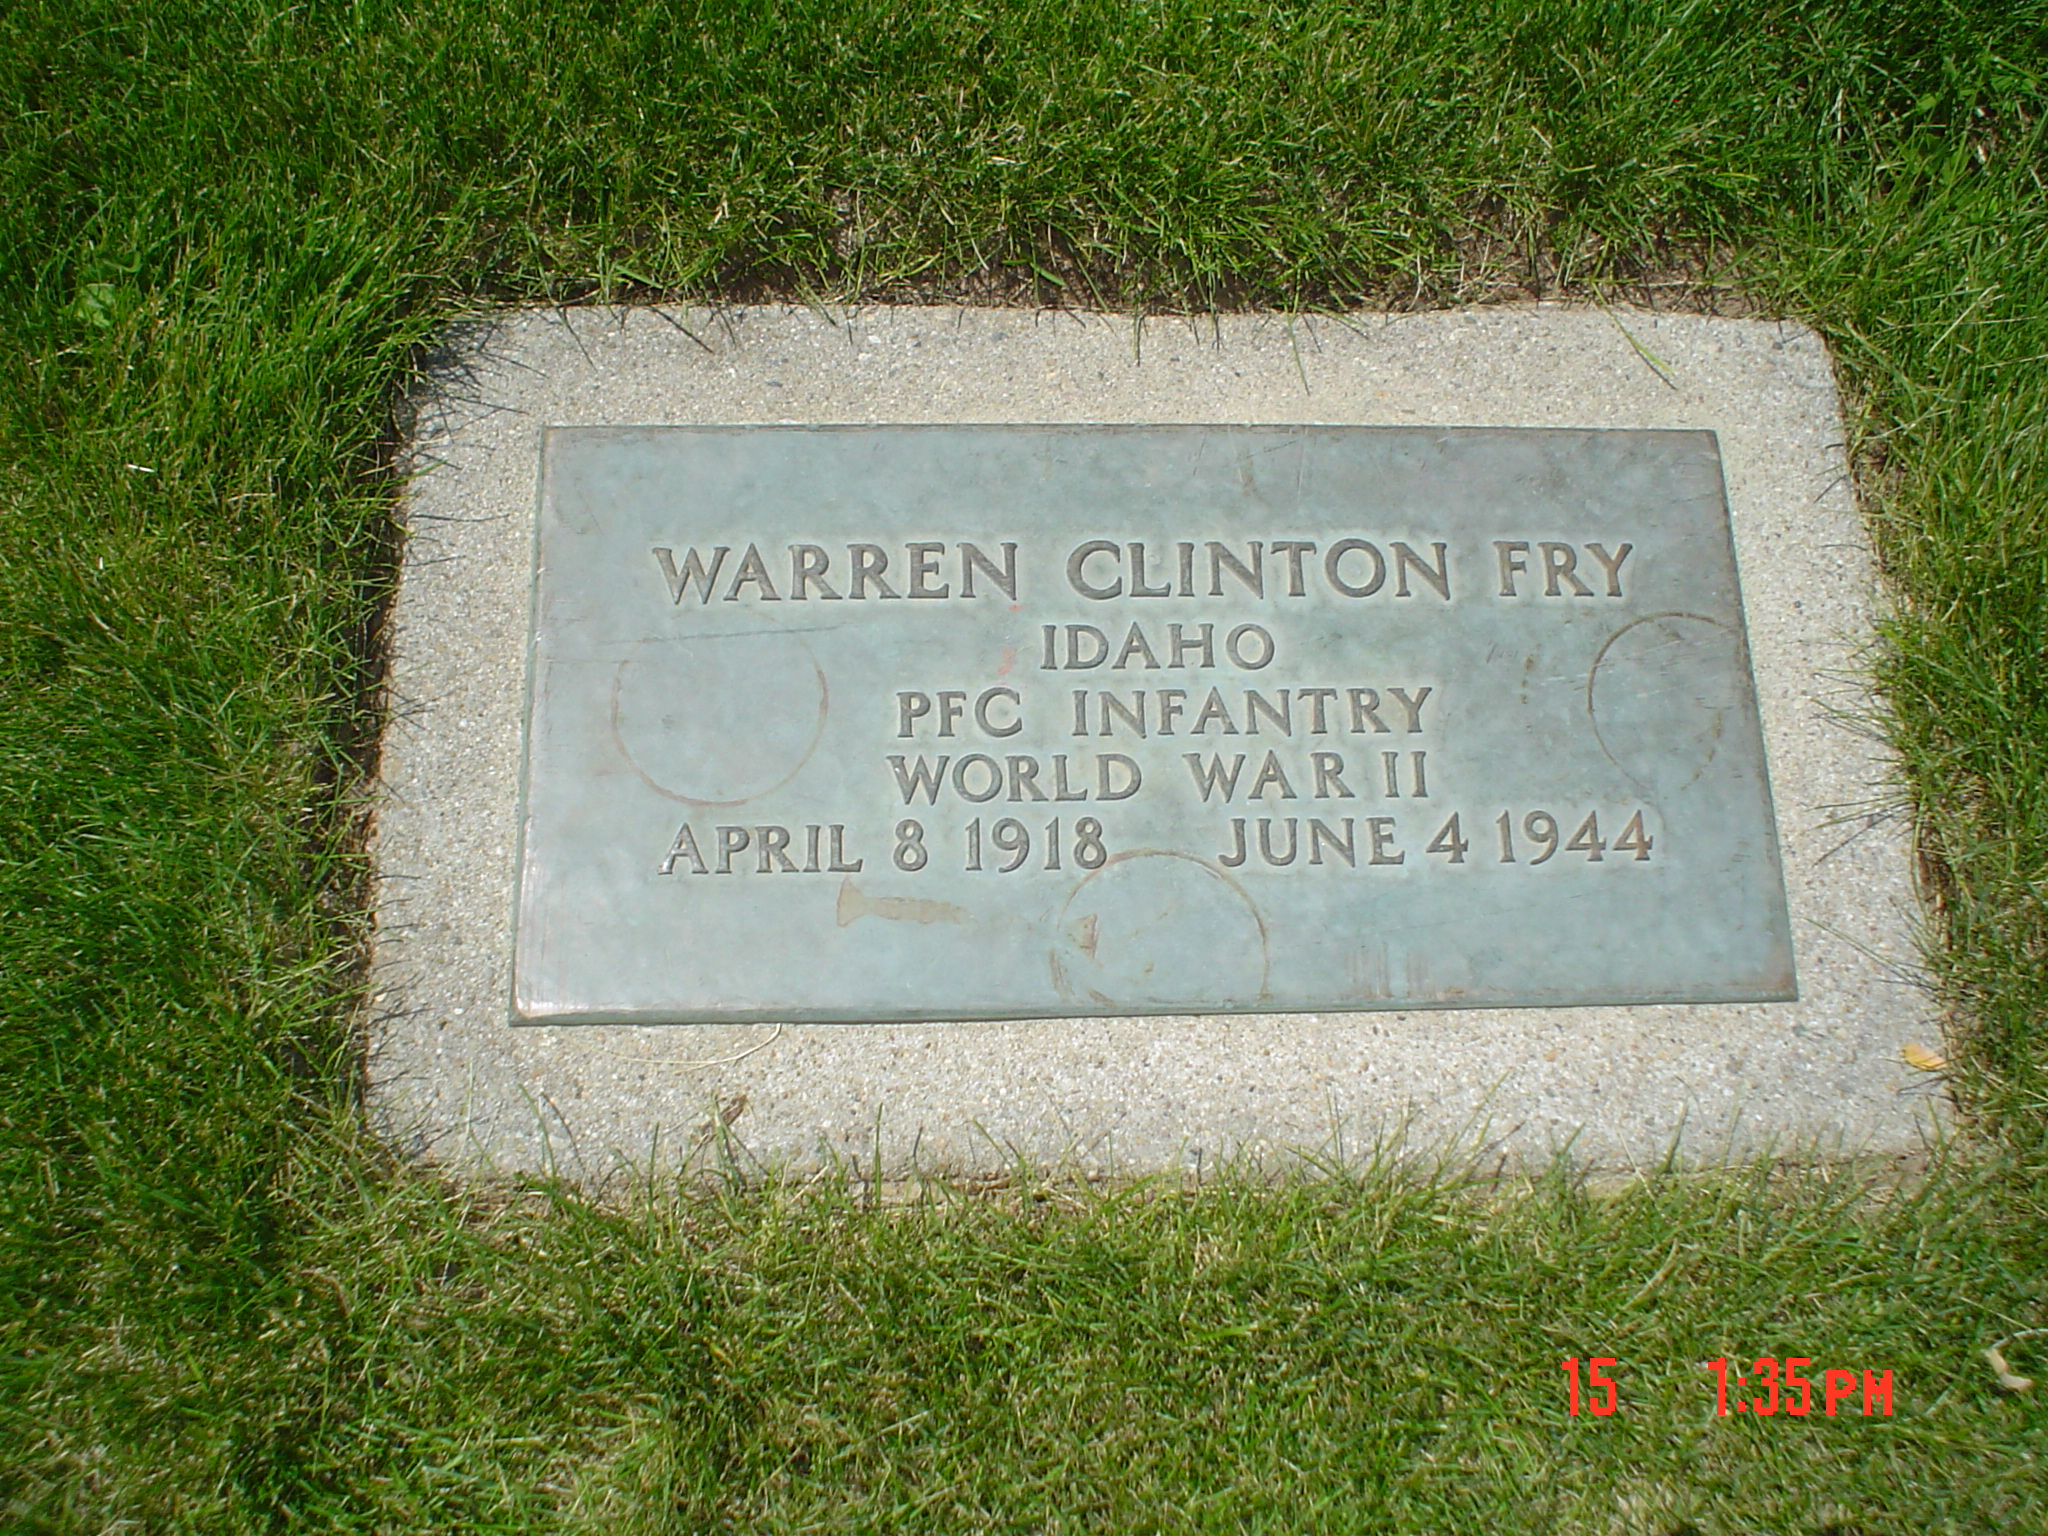 Warren Clinton Fry